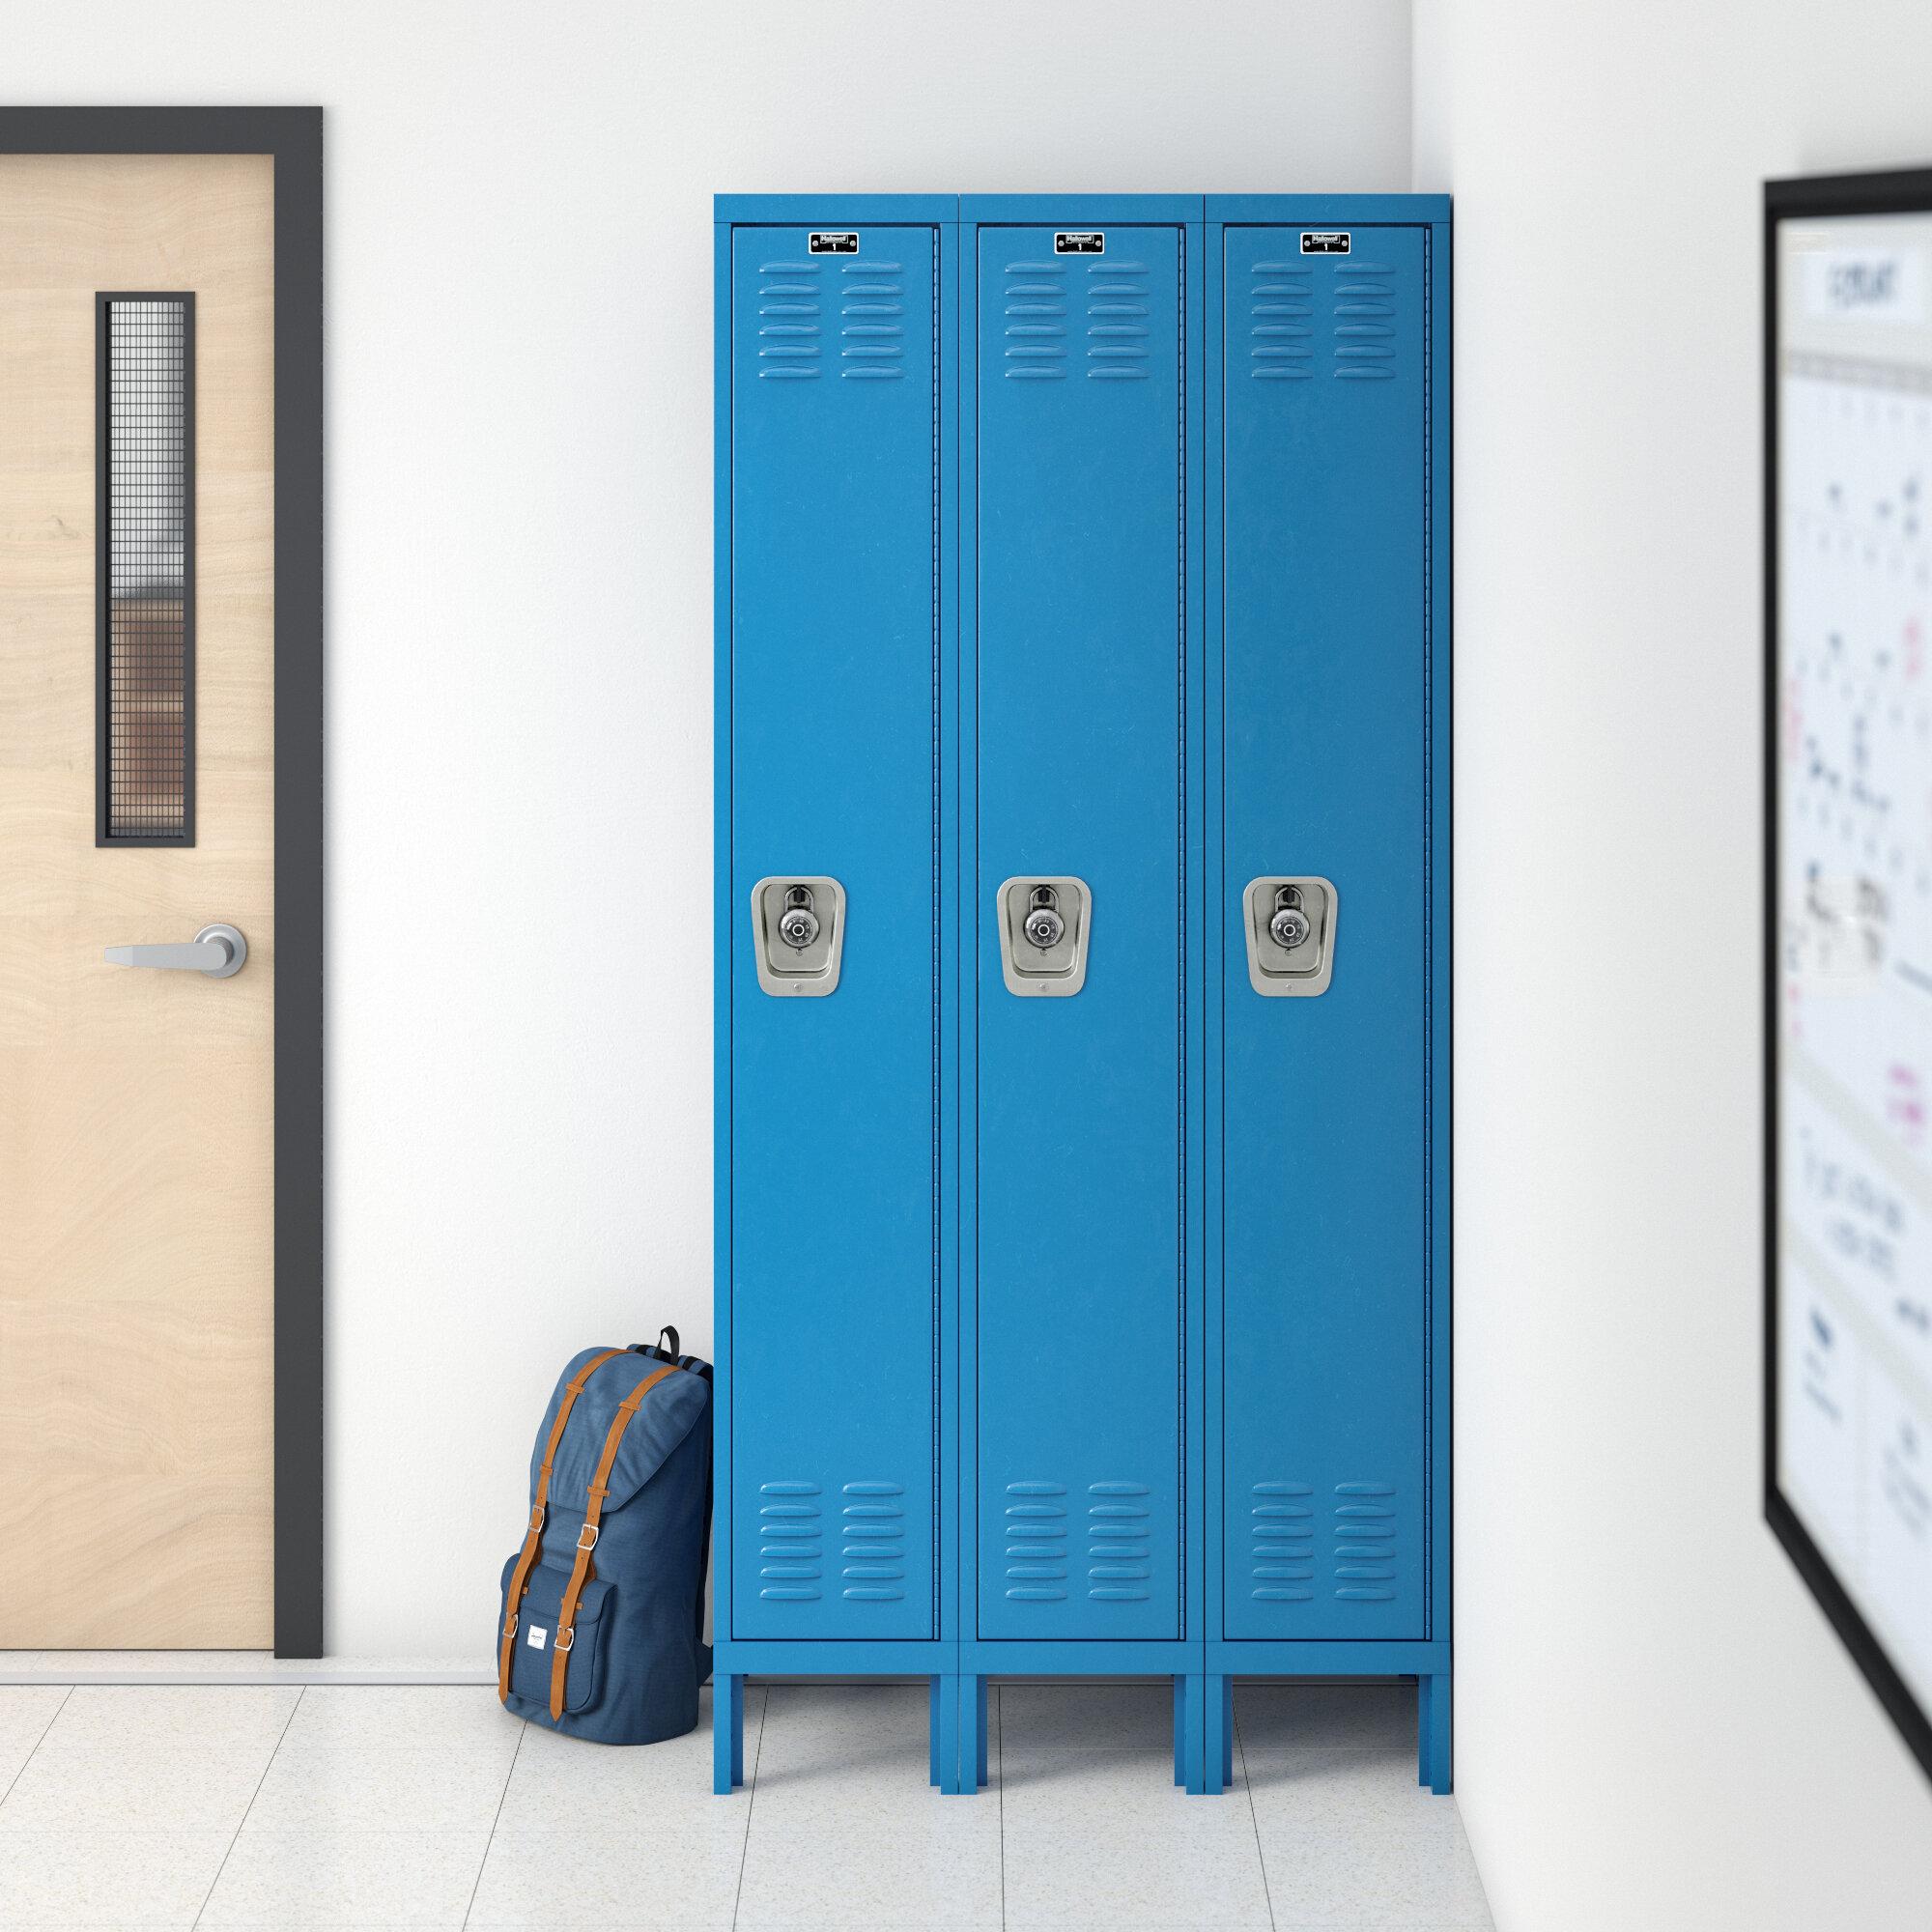 Décoration Pour Casier D École 1 casier d'école large de niveau 3 premium